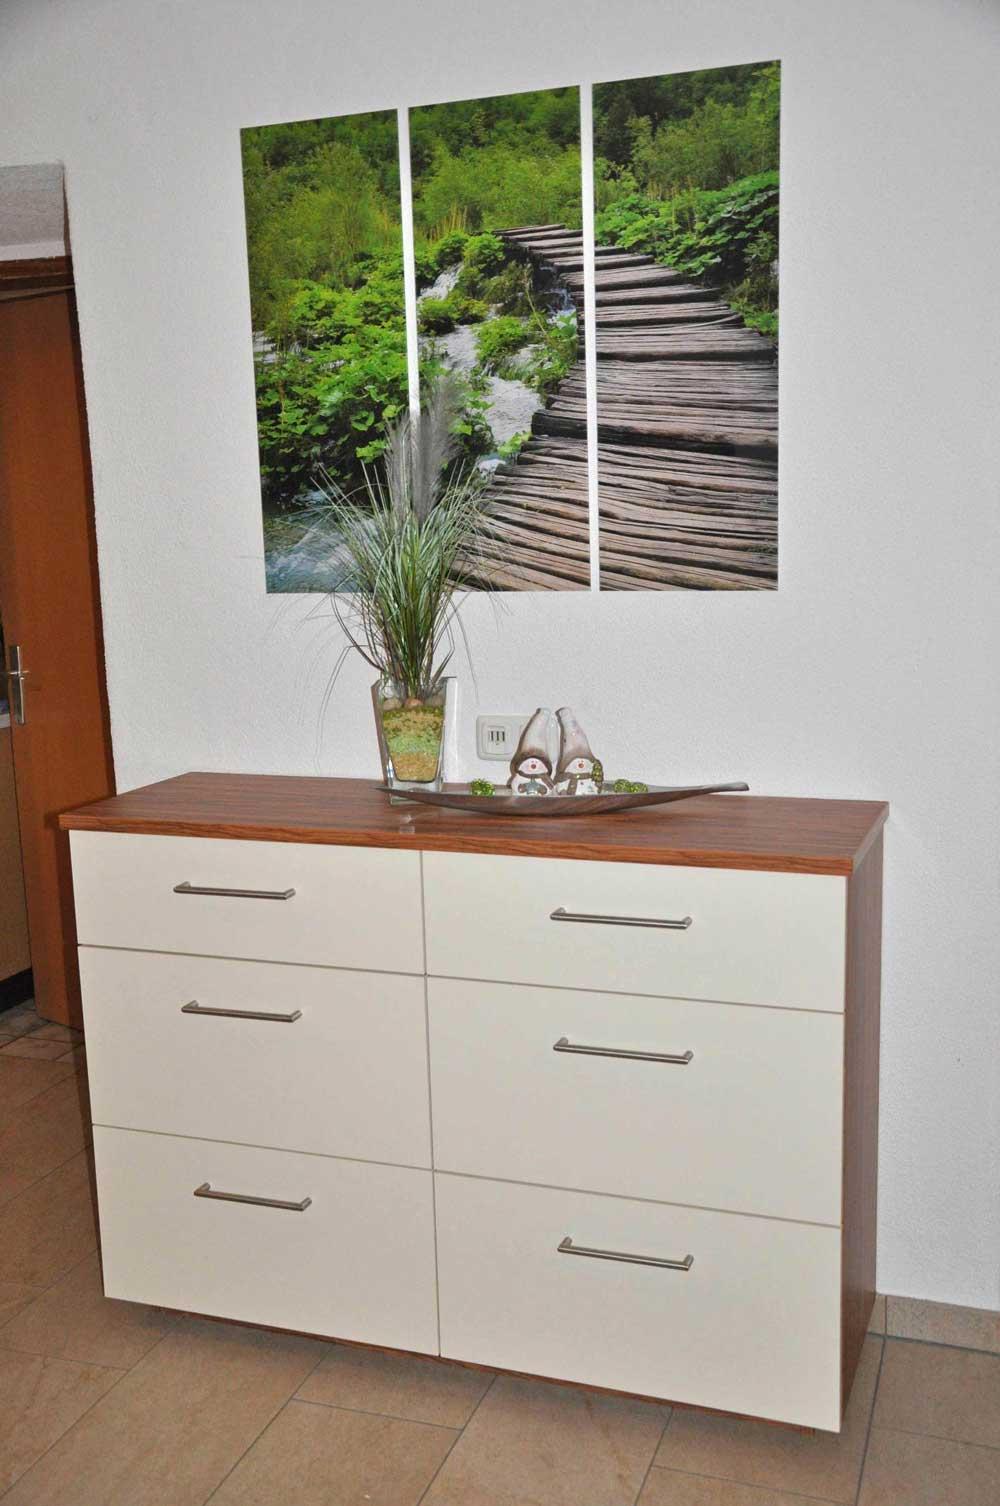 holz-vorzimmer-garderobe-vom-tischler-nach-maß-modern-planung-1